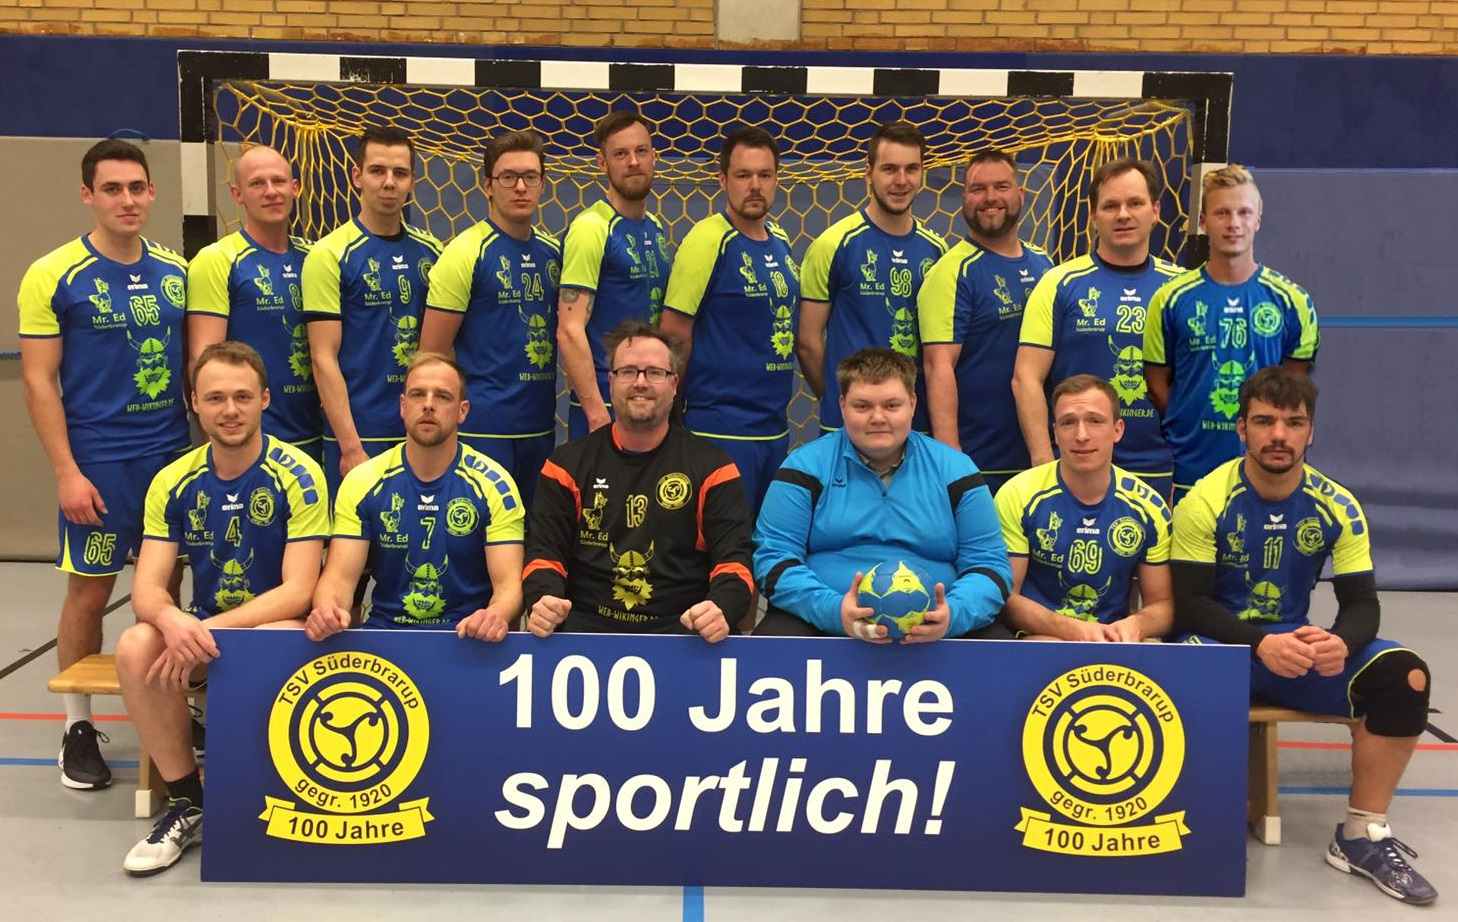 Erste Männer Handball